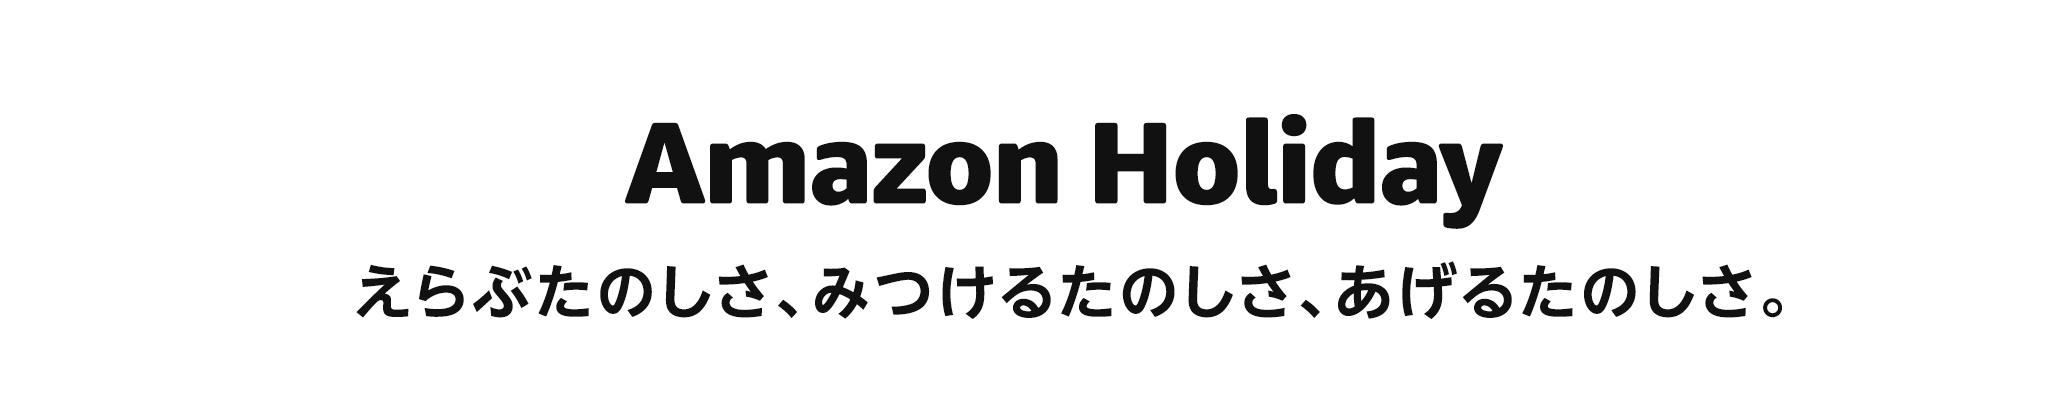 Amazon Holiday えらぶたのしさ、みつけるたのしさ、あげるたのしさ。